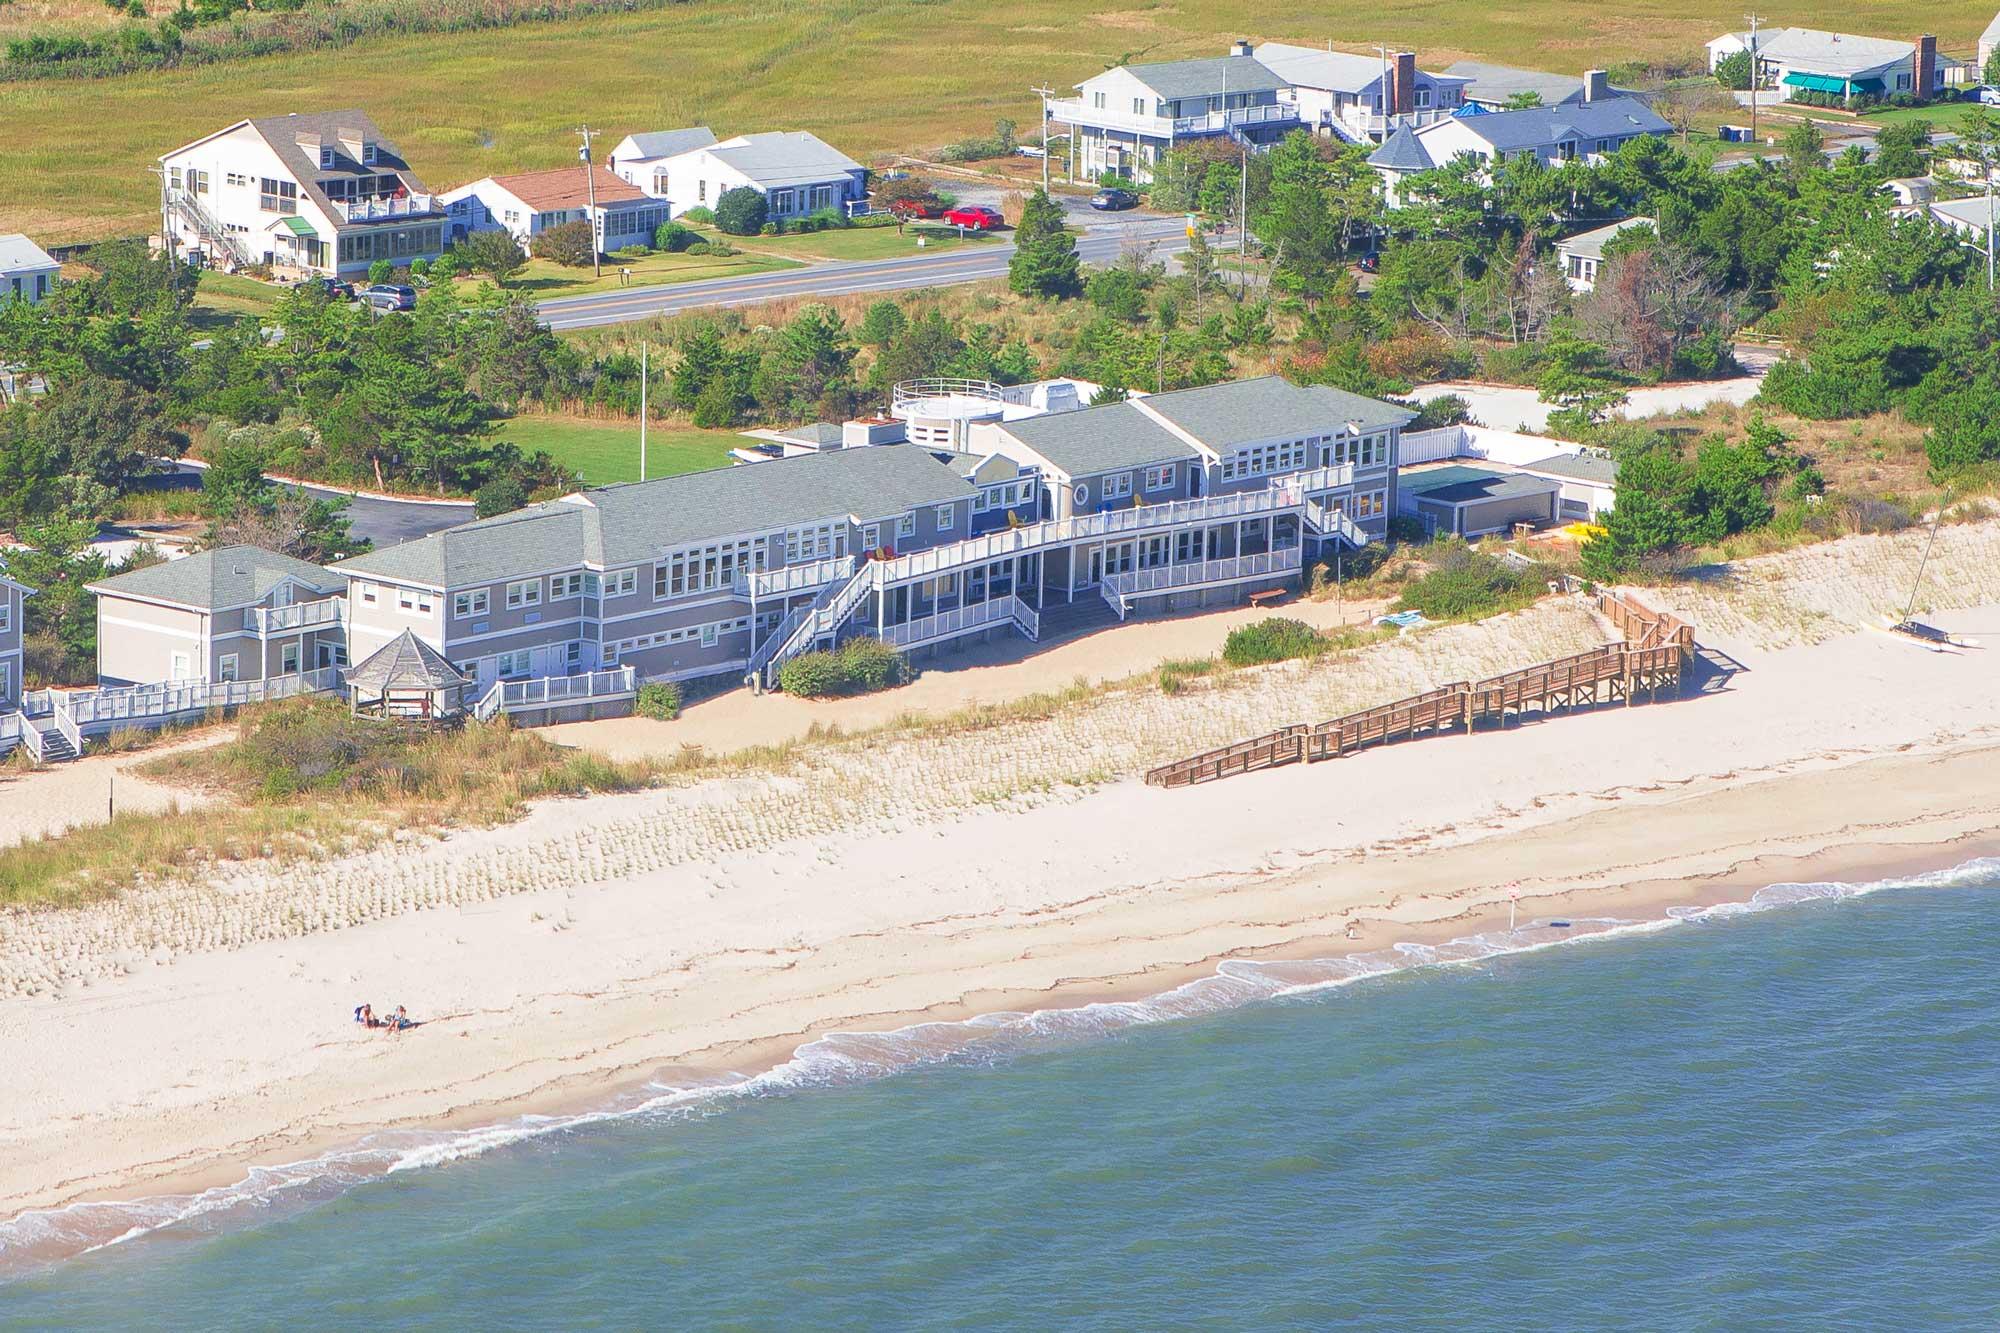 Beach wedding venue aerial view.